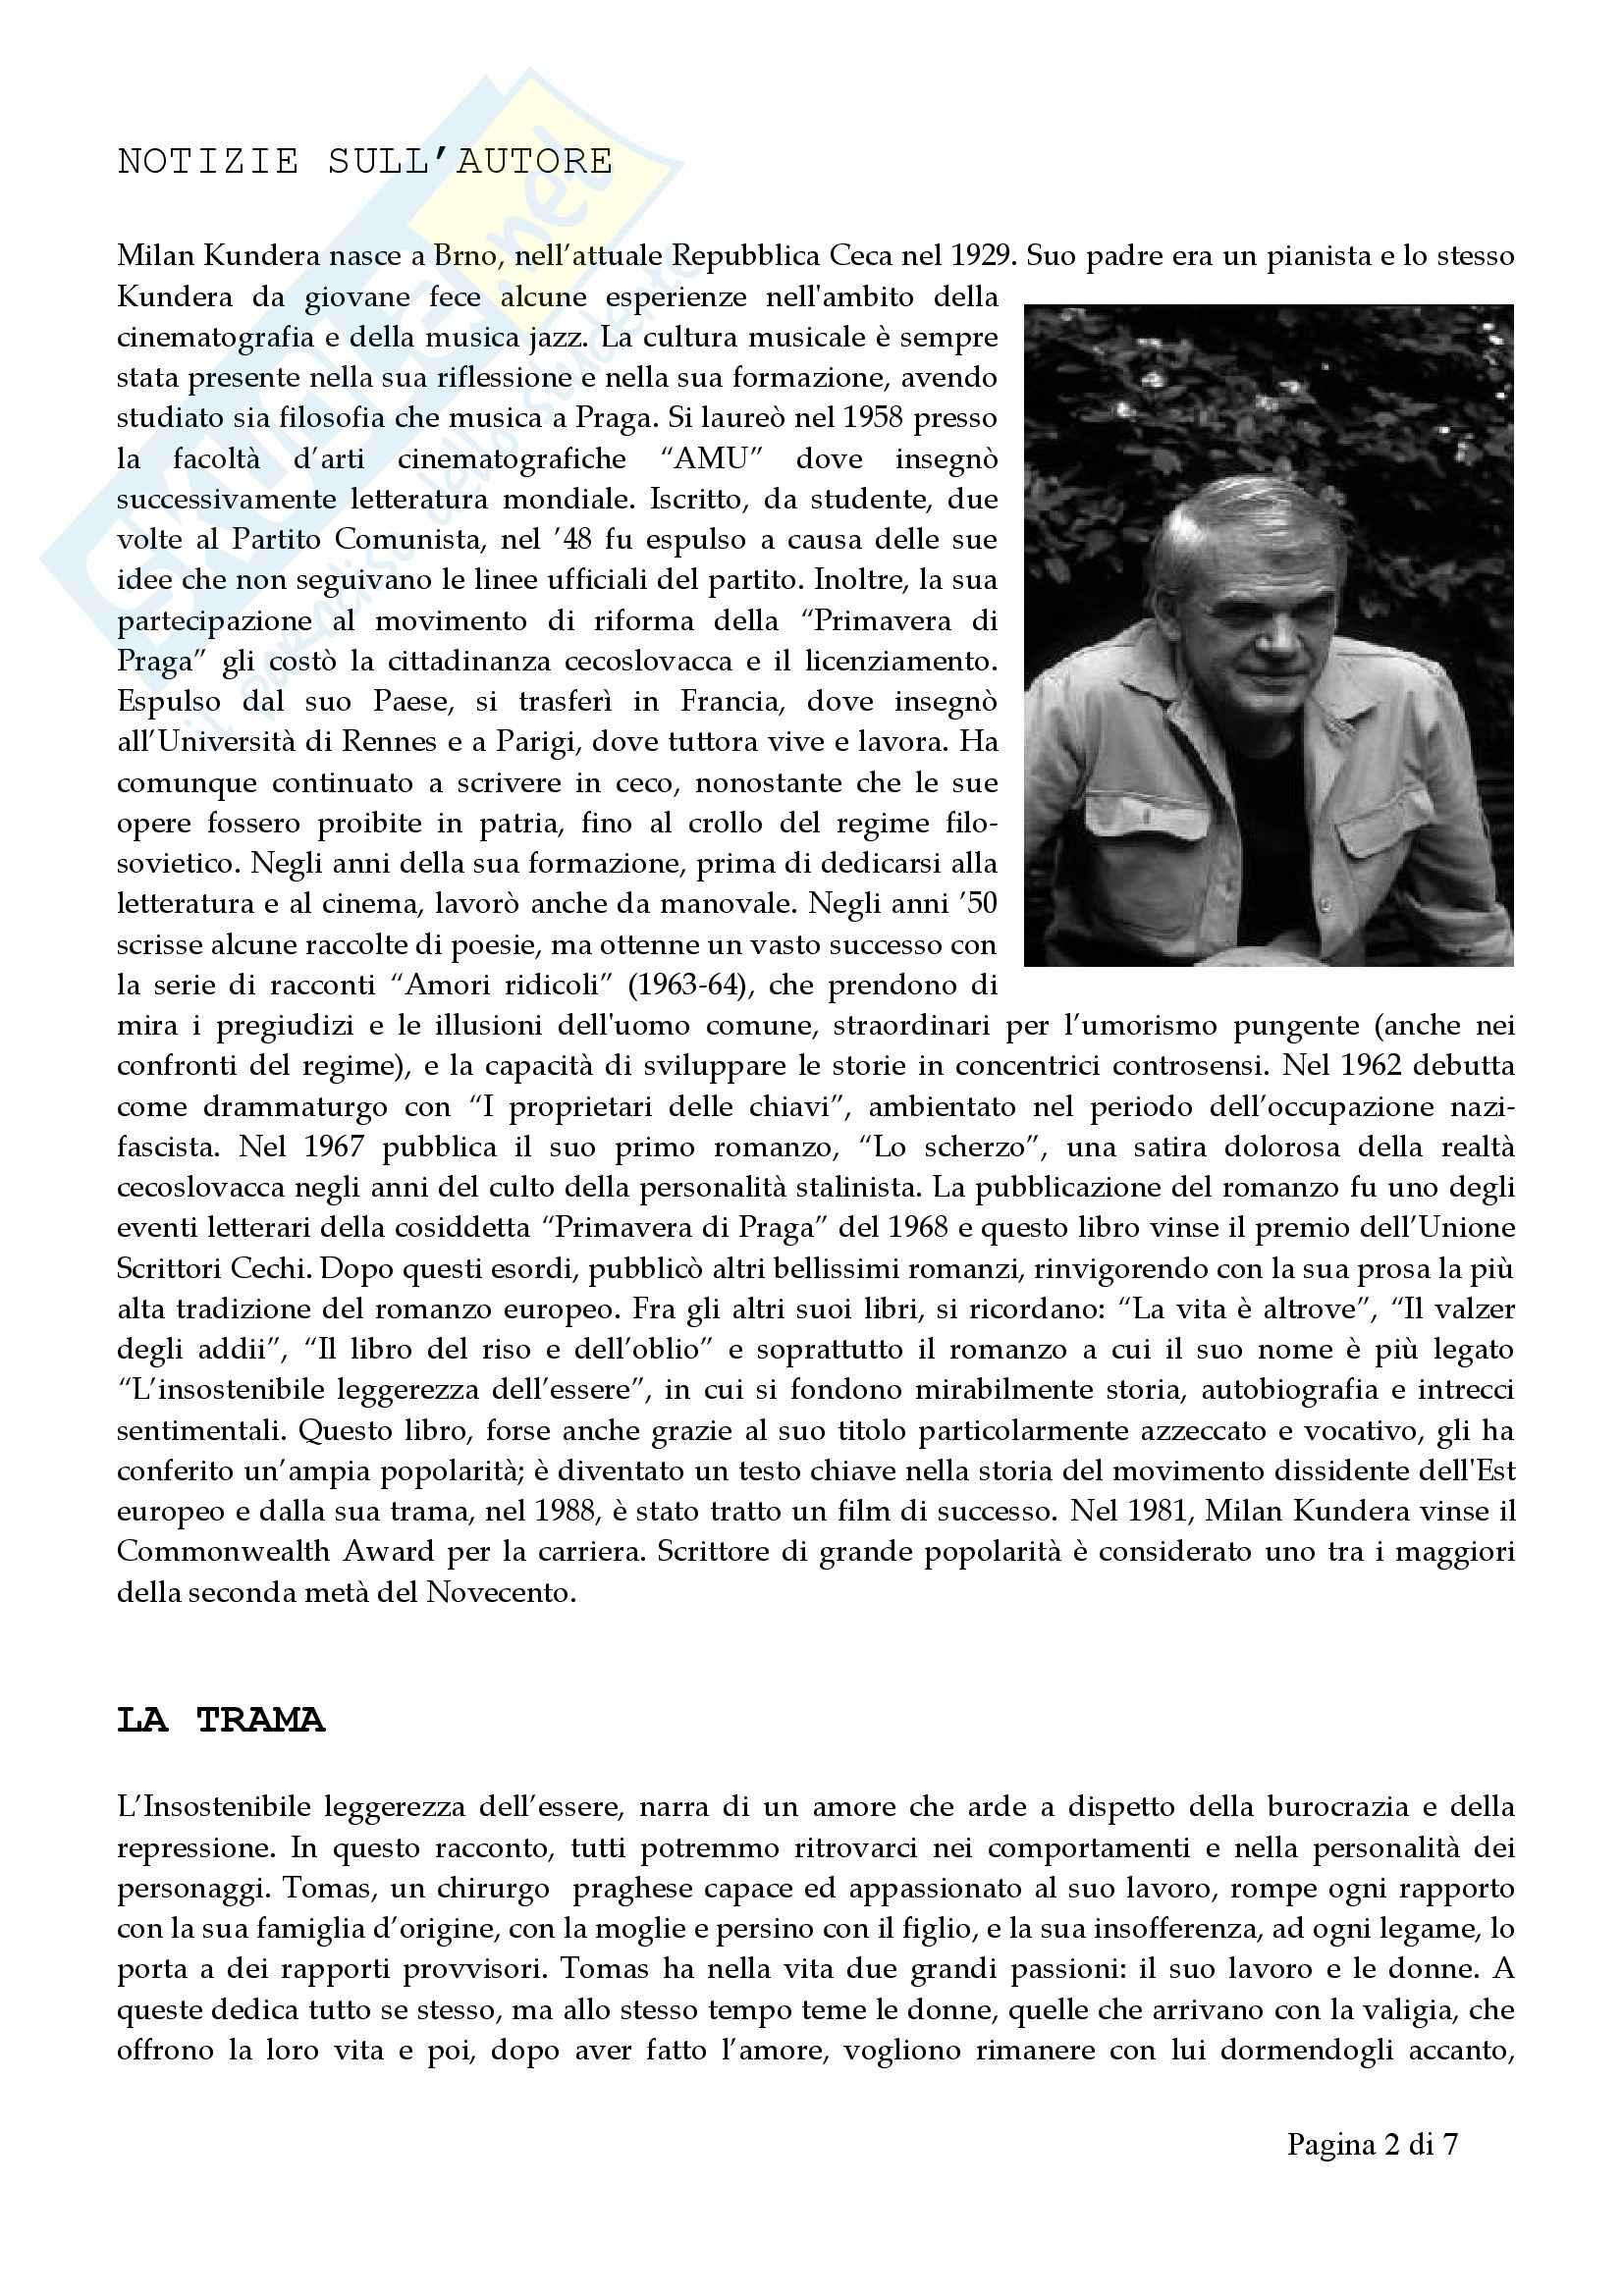 L'insostenibile leggerezza dell'essere, Kundera - Sintesi Pag. 2